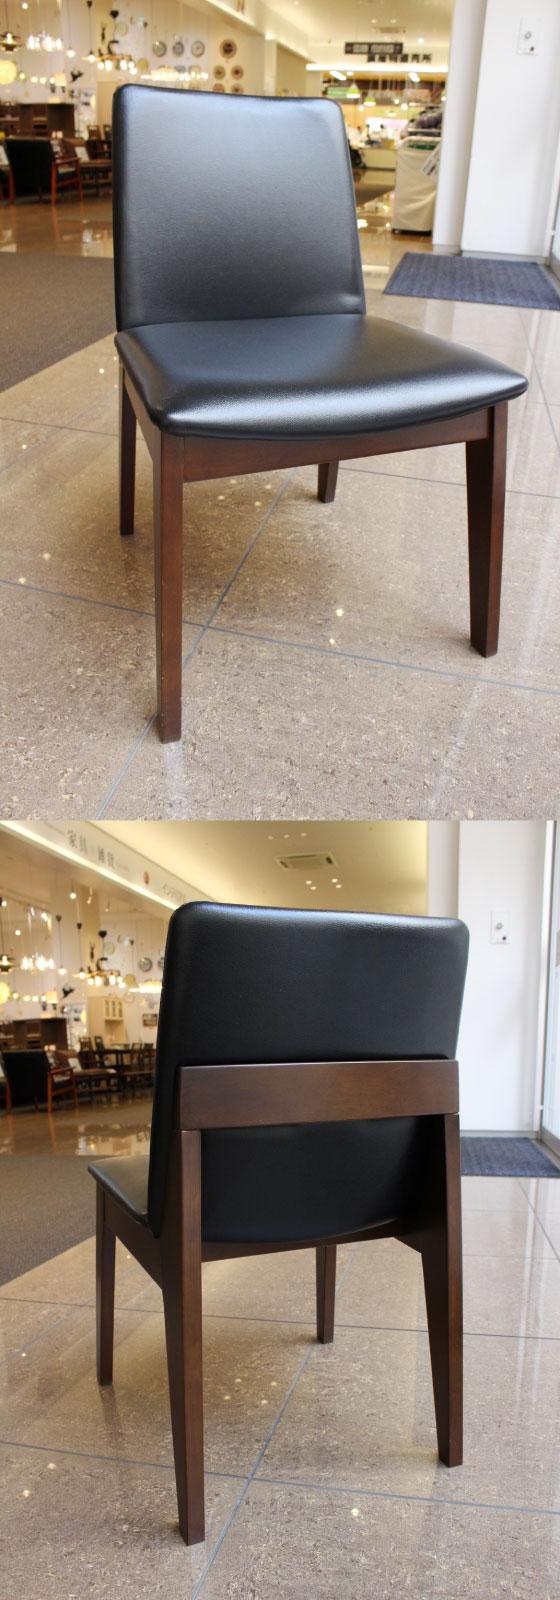 天然木&PVCレザー製・ダイニングチェア(2脚セット)ブラック